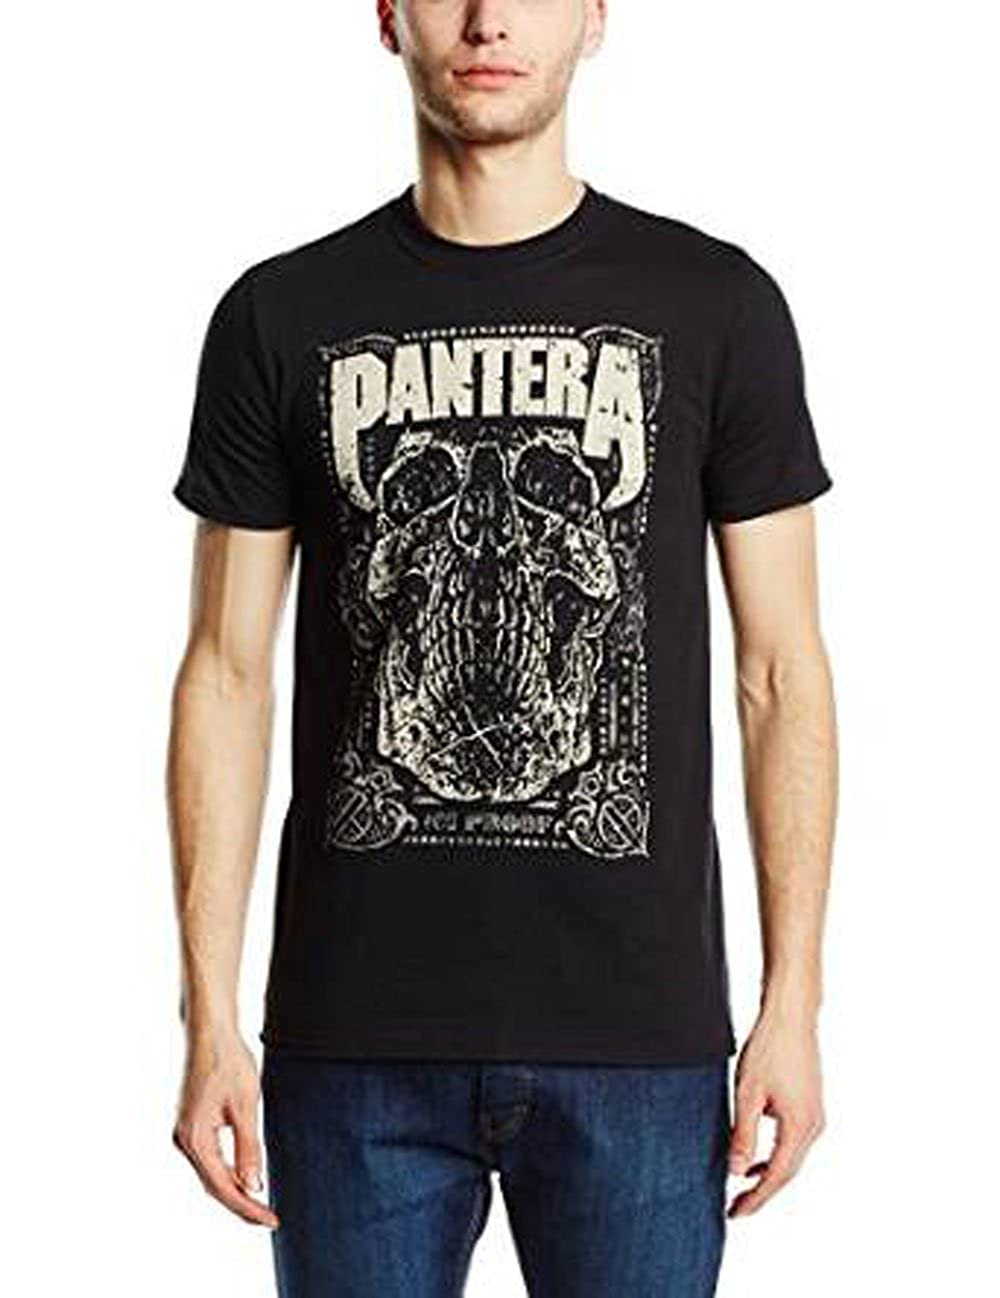 Pantera Men's 101 Proof Skull T-shirt Black